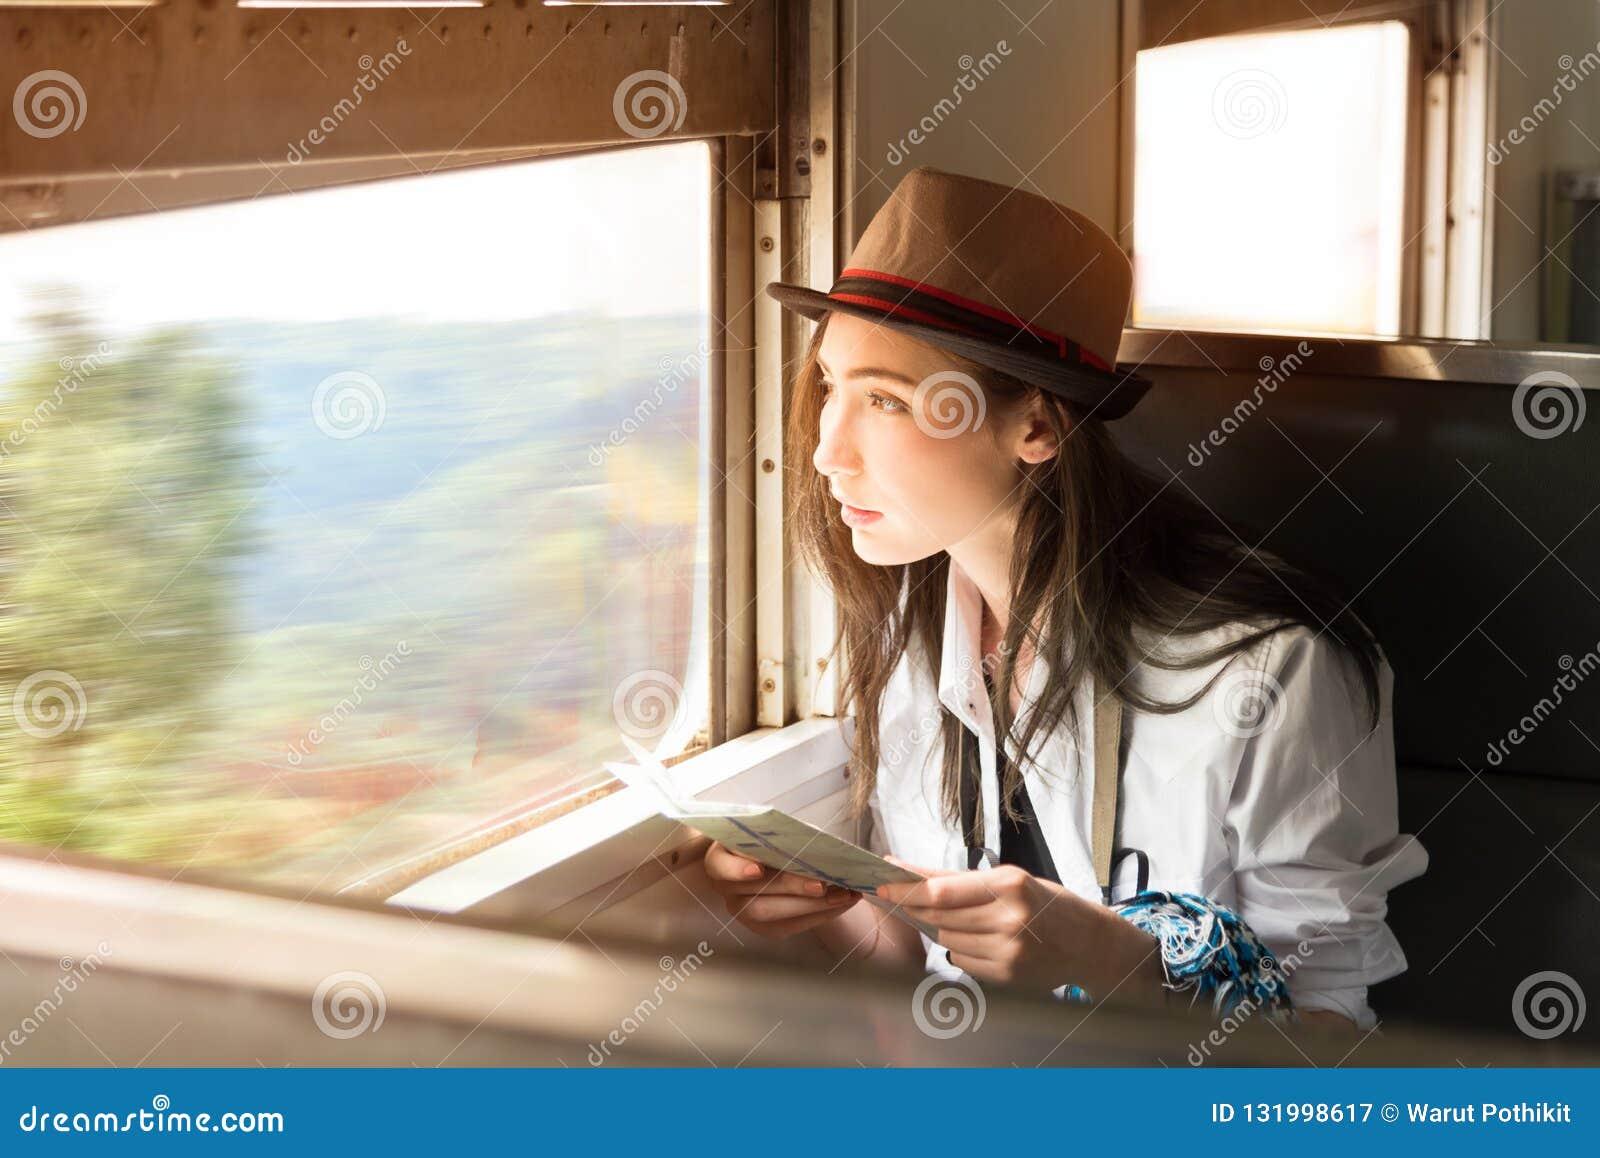 年轻亚洲背包徒步旅行者妇女乘火车旅行她的旅途,旅行